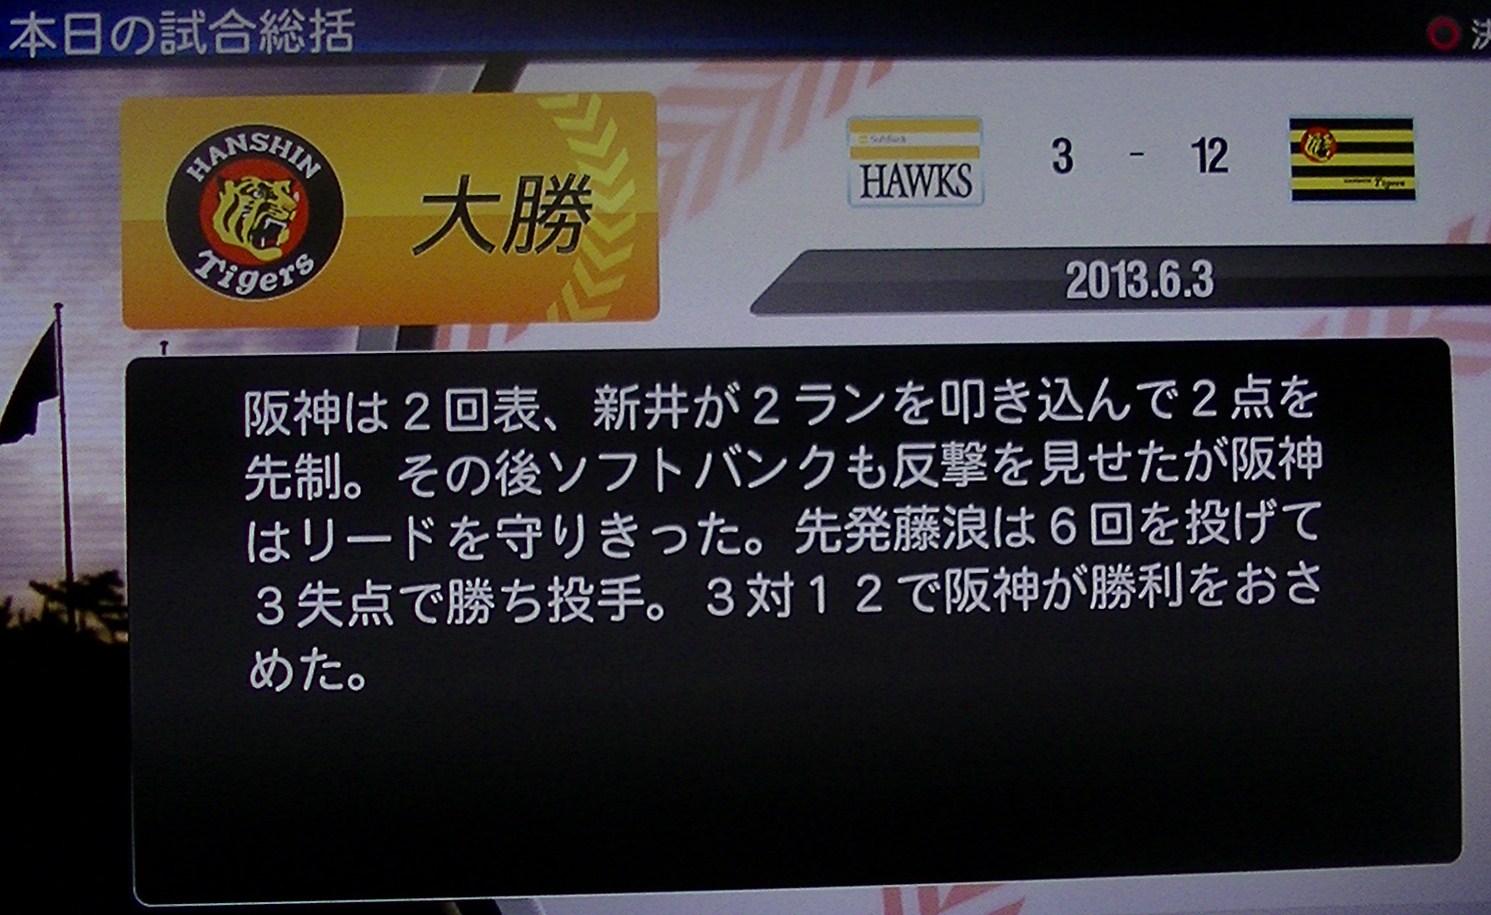 プロスピ2013対ソフトバンク4回戦(ビジター)H25.6.3分 018